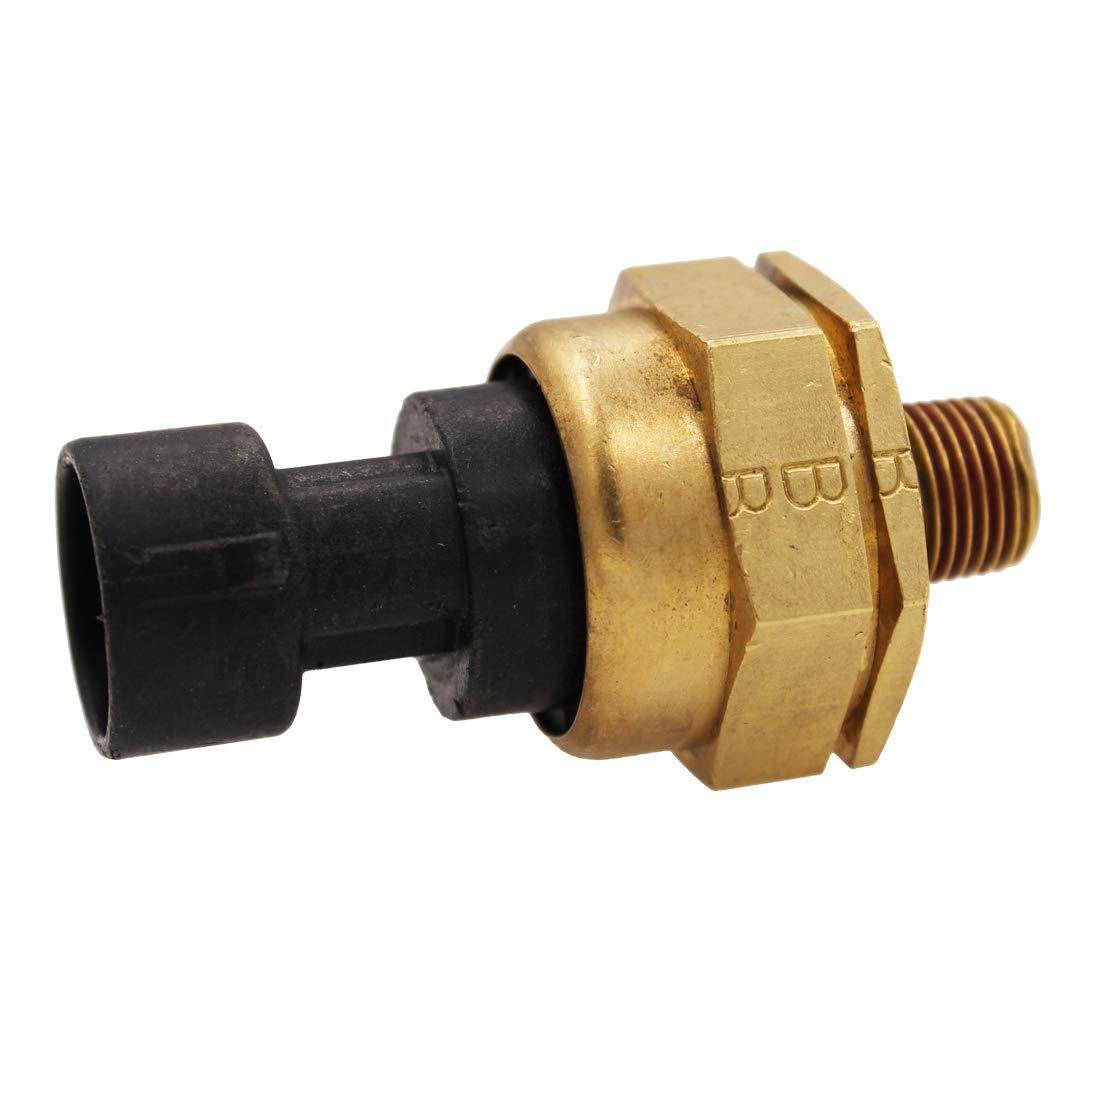 HZYCKJ Interruptor del sensor del emisor de presi/ón de agua OEM # 8M6000623 8818793 8818790 M2733760 881879010